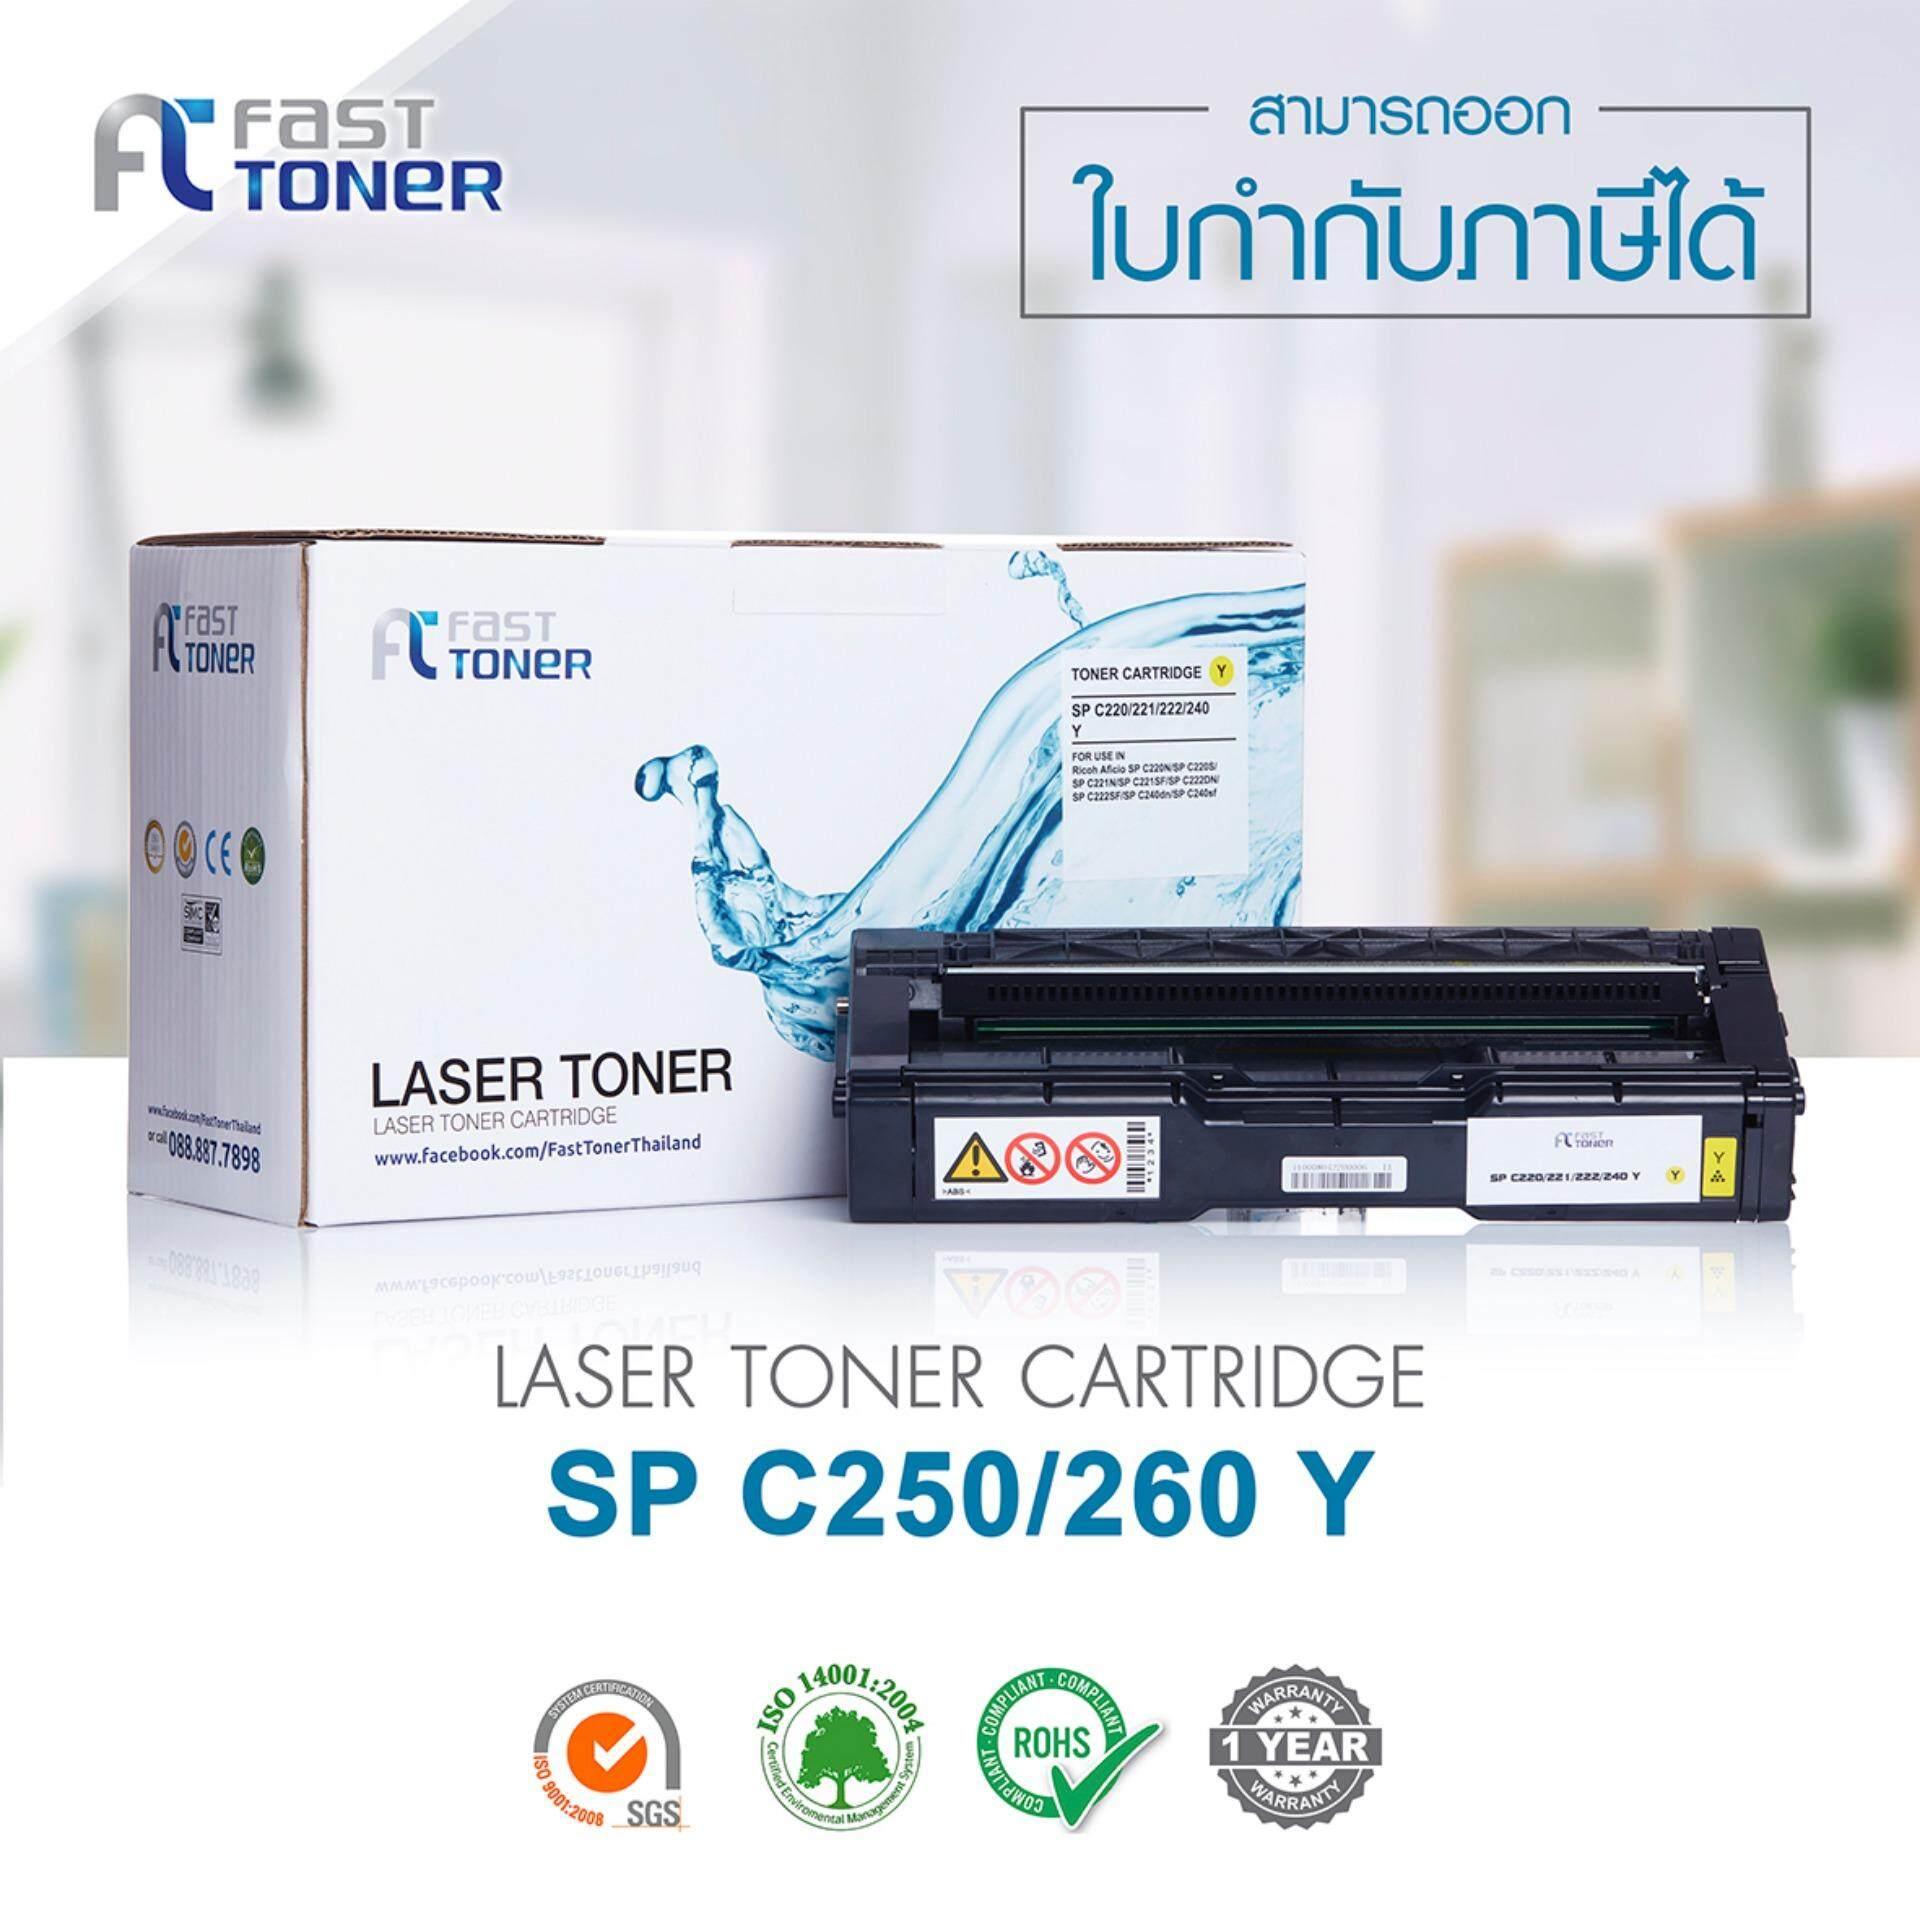 ตลับหมึกพิมพ์เลเซอร์ Ricoh SP C250Y (สีเหลือง) ใช้สำหรับเครื่องพิมพ์ Ricoh SP C250DN / C250SF / C260DNw / C261DNw / C261SFnw - Fast Toner